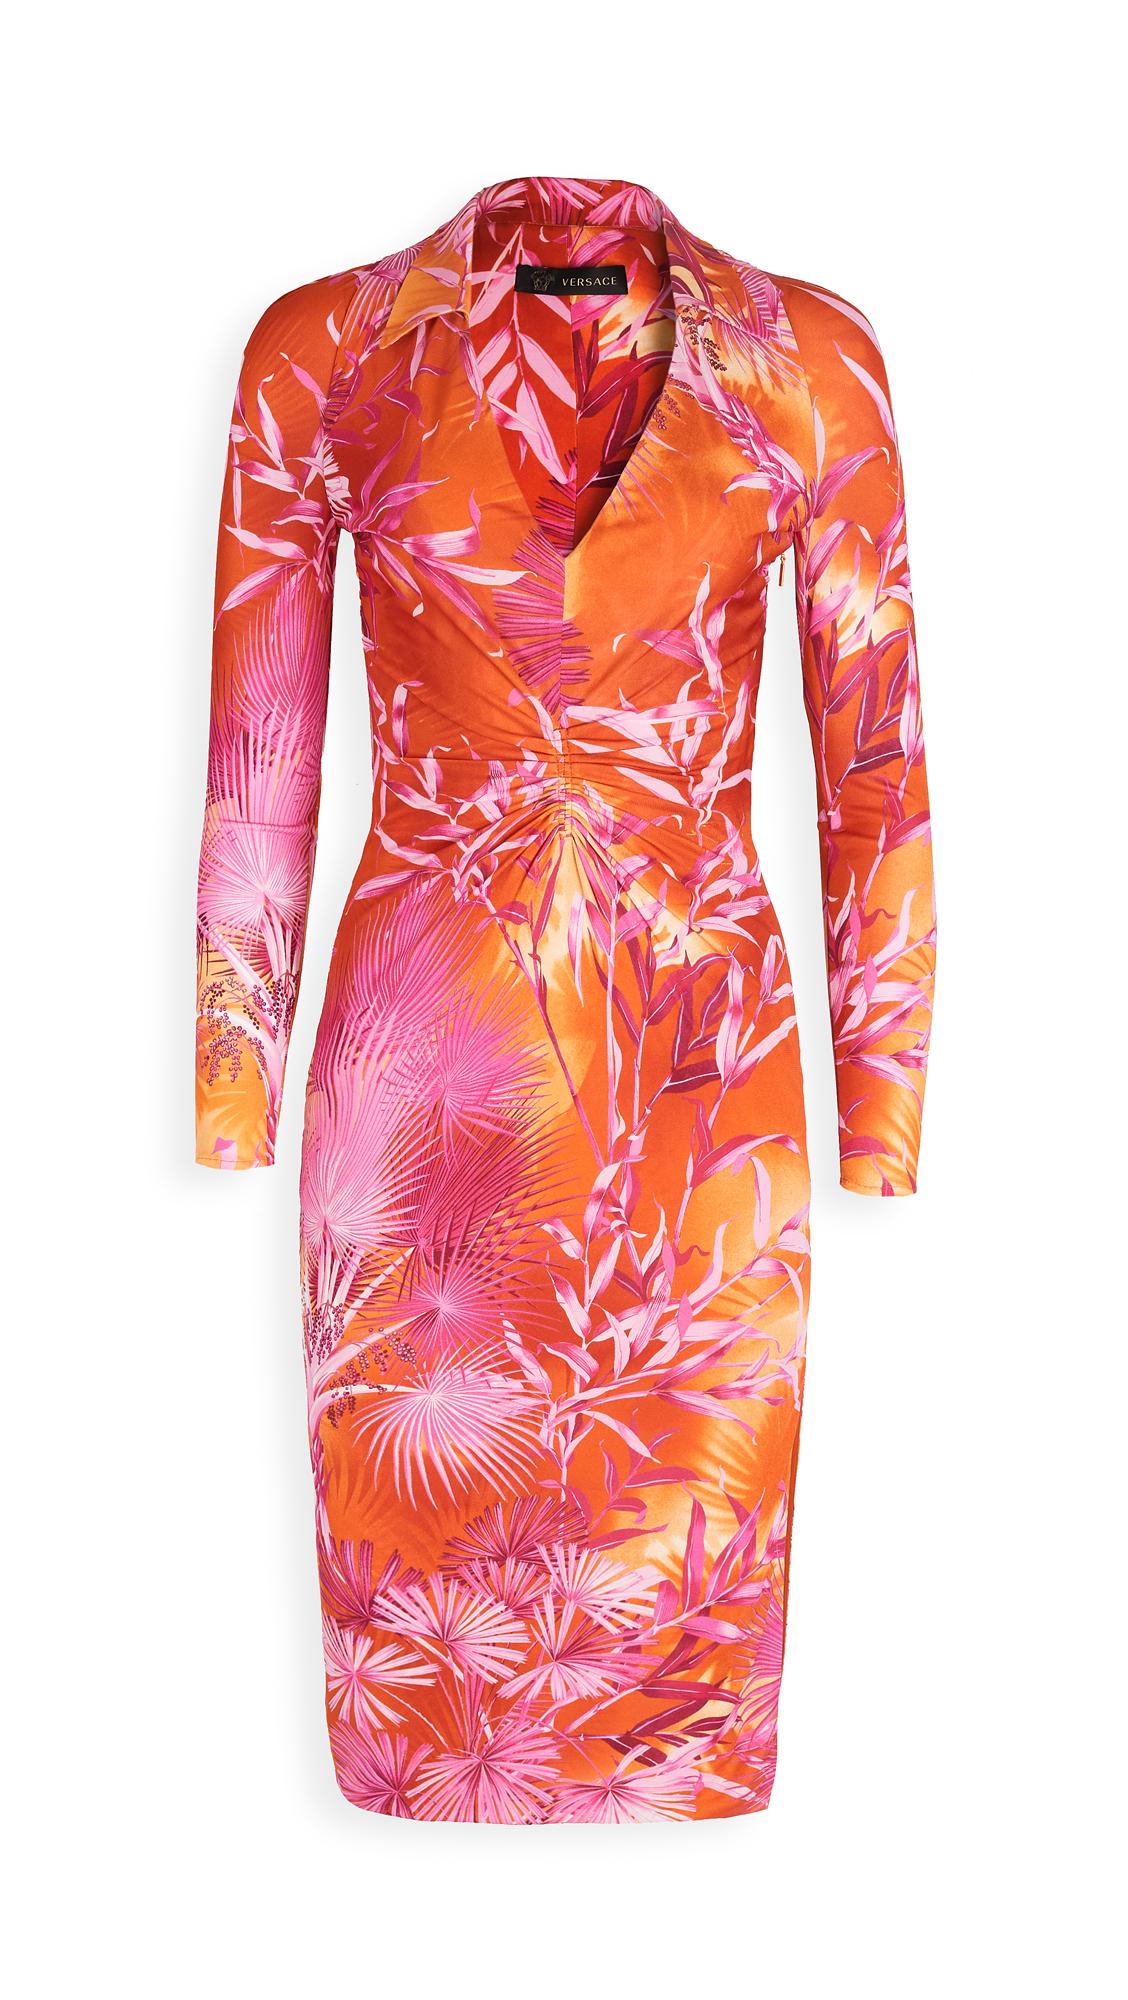 Versace Palm Print Jersey Low-V Dress – 30% Off Sale